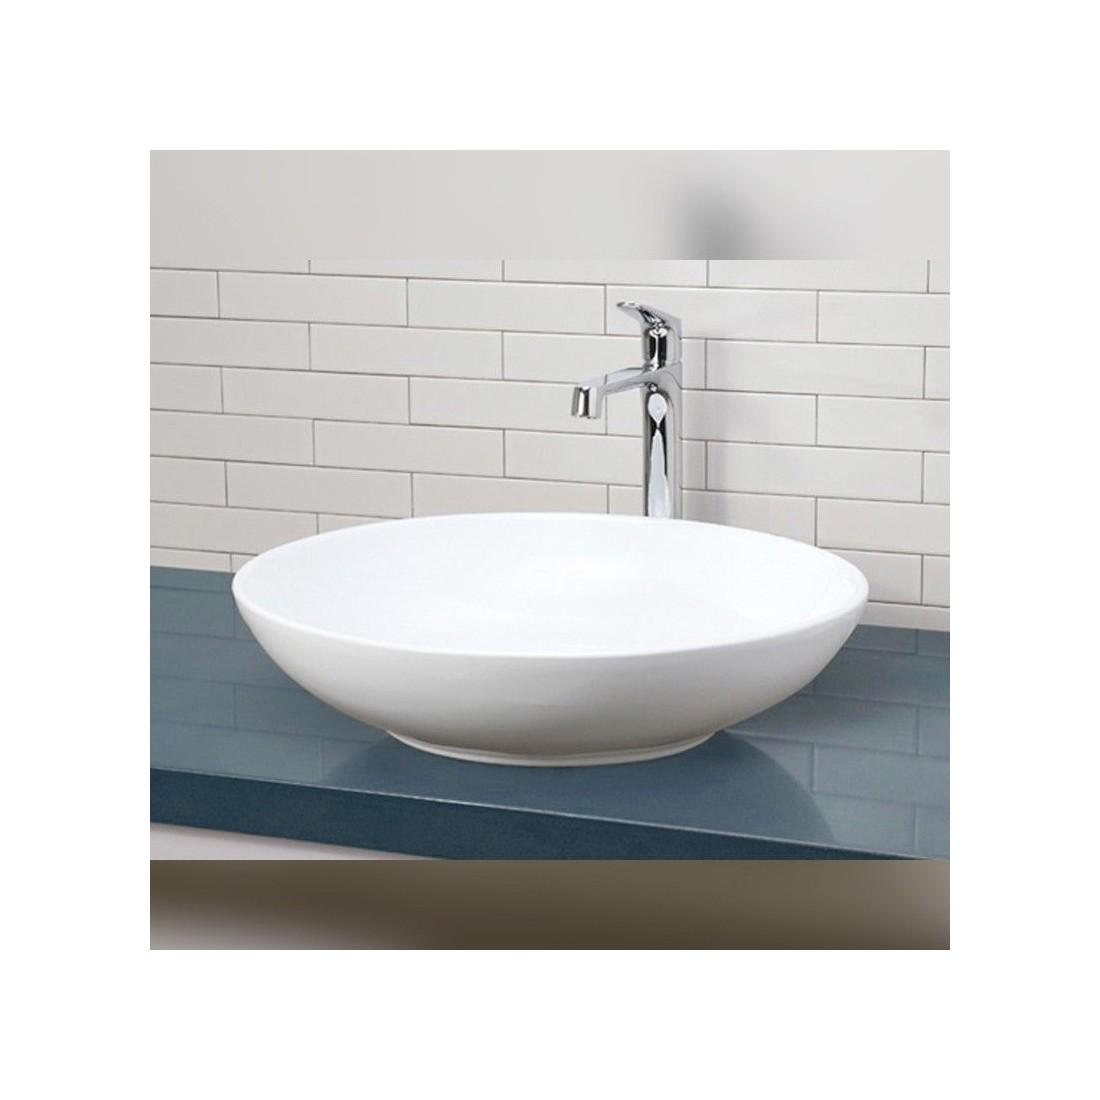 Pack encimera ba o lavabo the bath - Encimeras lavabos bano ...